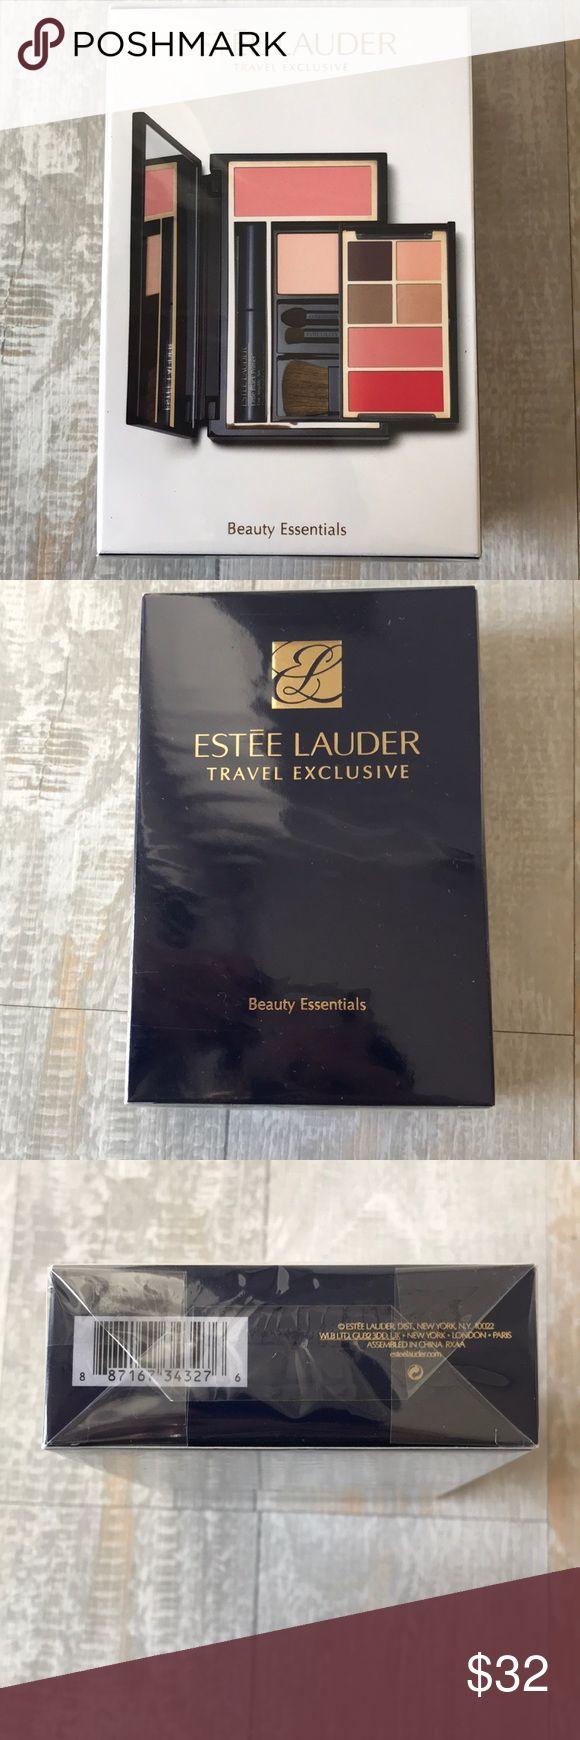 Unopened Estée Lauder Travel Exclusive Beauty in 2020